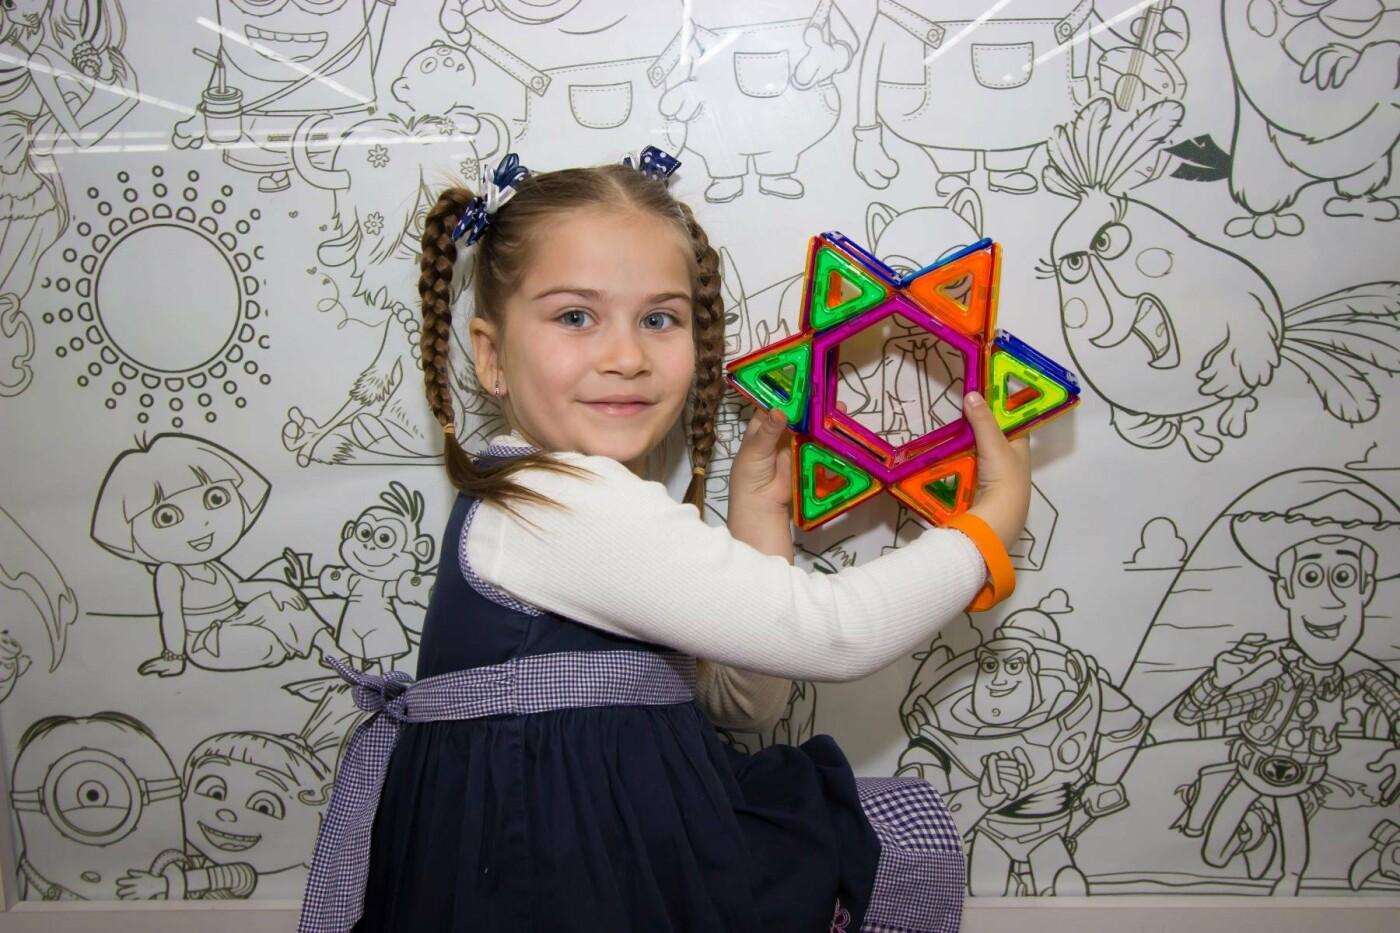 Магнітний конструктор - не тільки розвага, а й сучасний розвиток дитини, фото-2